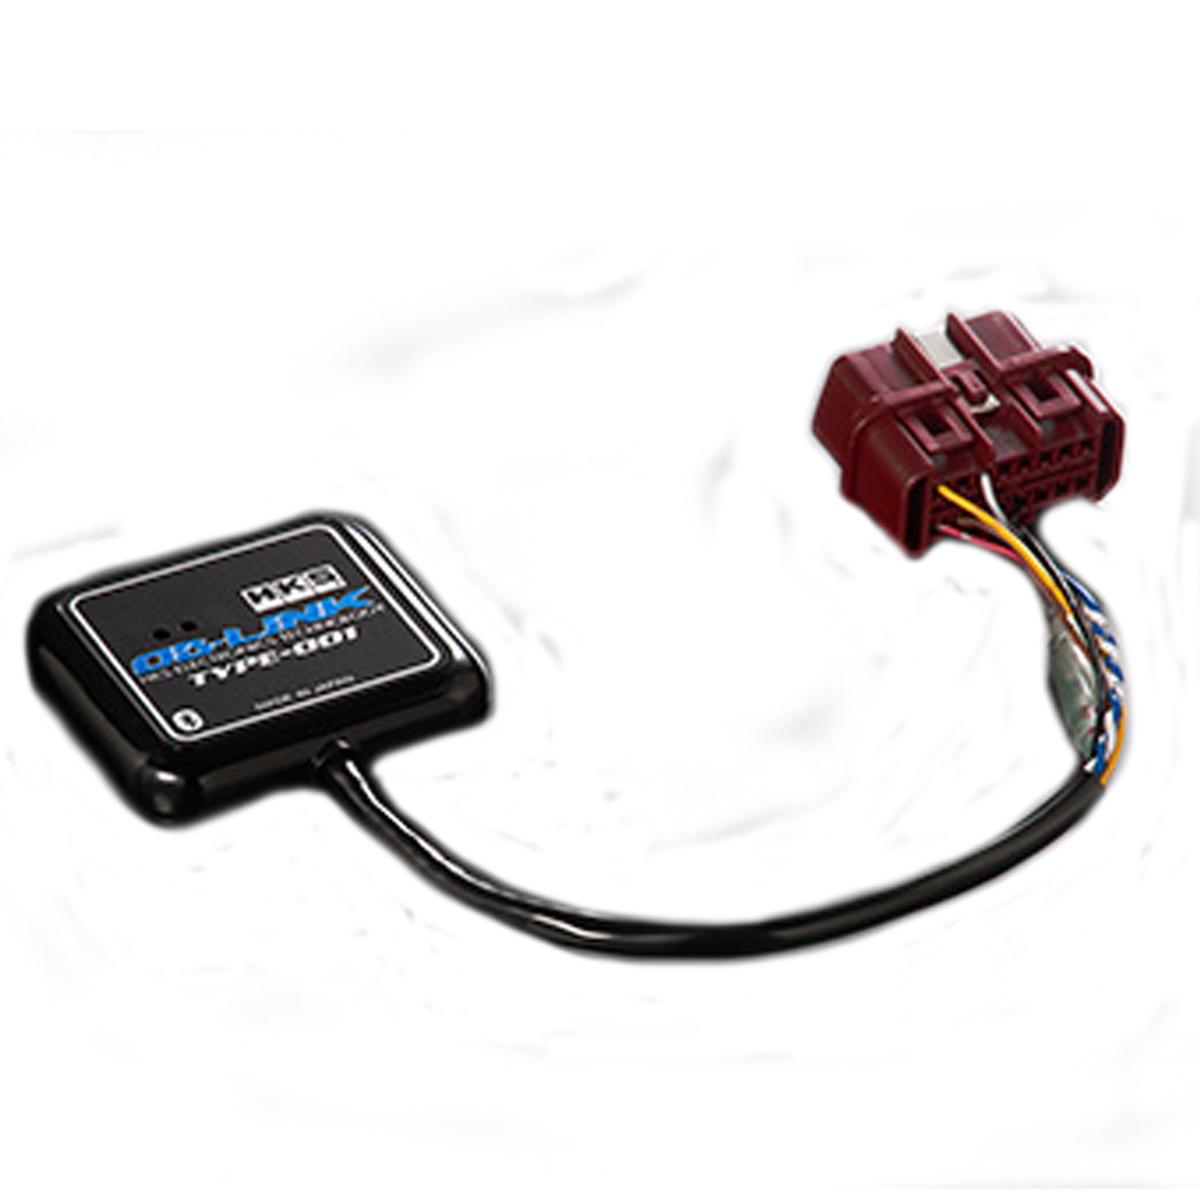 アテンザ モニター OBリンク タイプ 001 GH5AP/S/W HKS 44009-AK002 エレクトリニクス 個人宅発送追金有